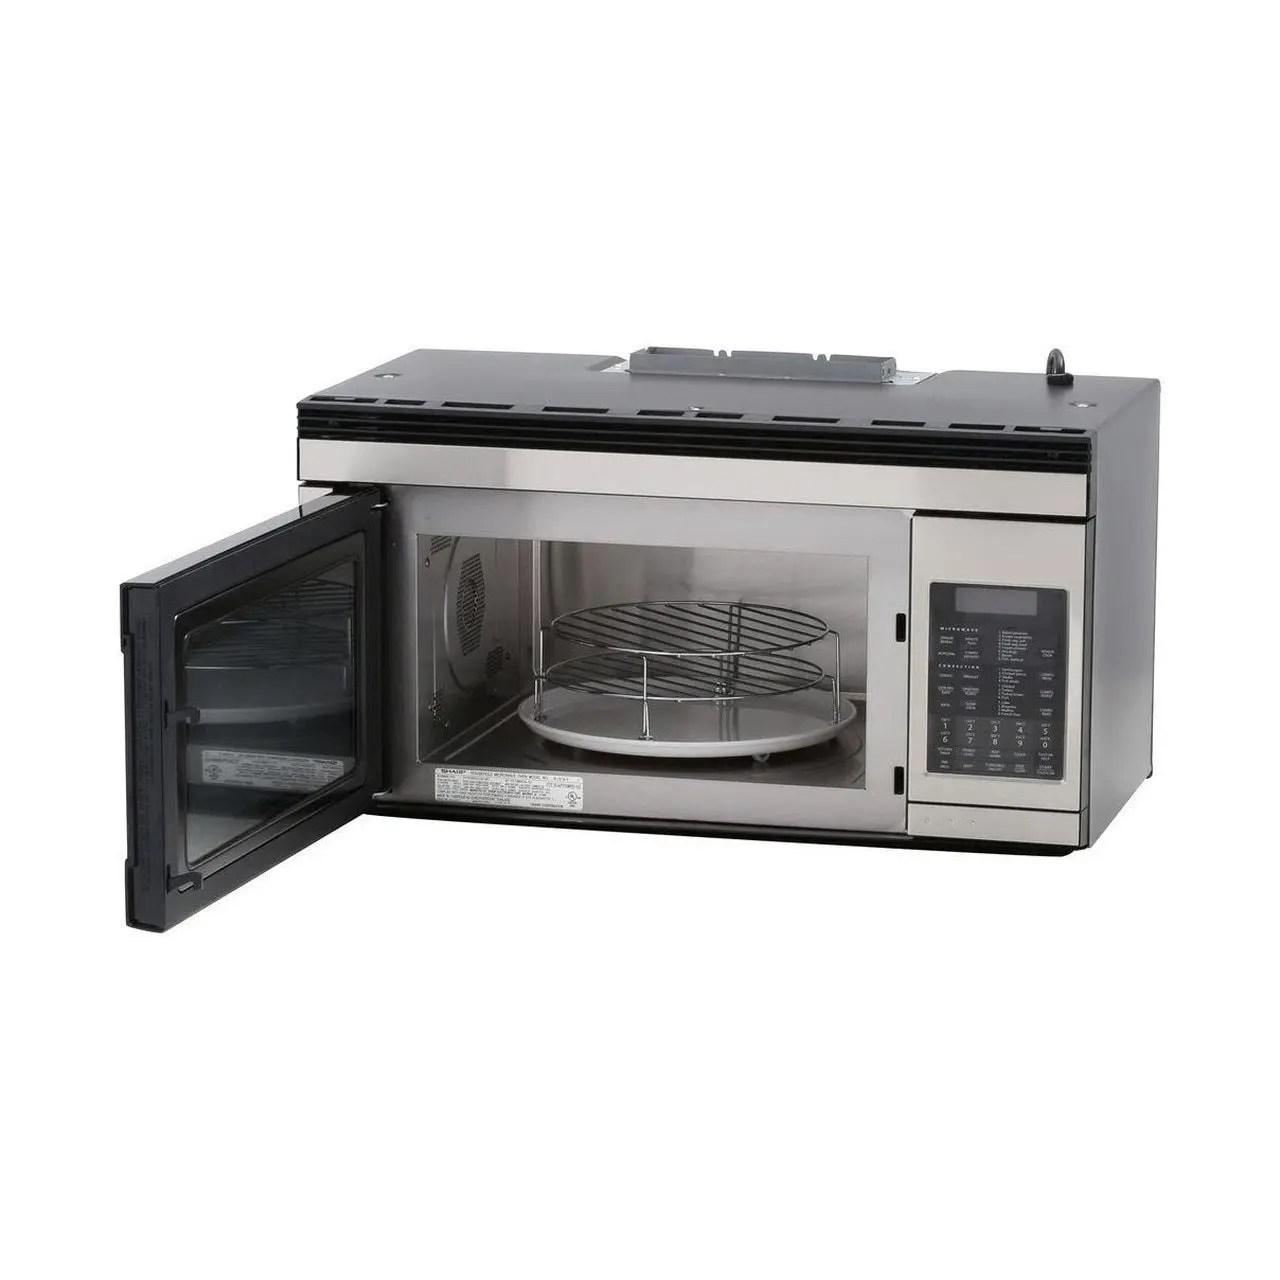 ta appliance